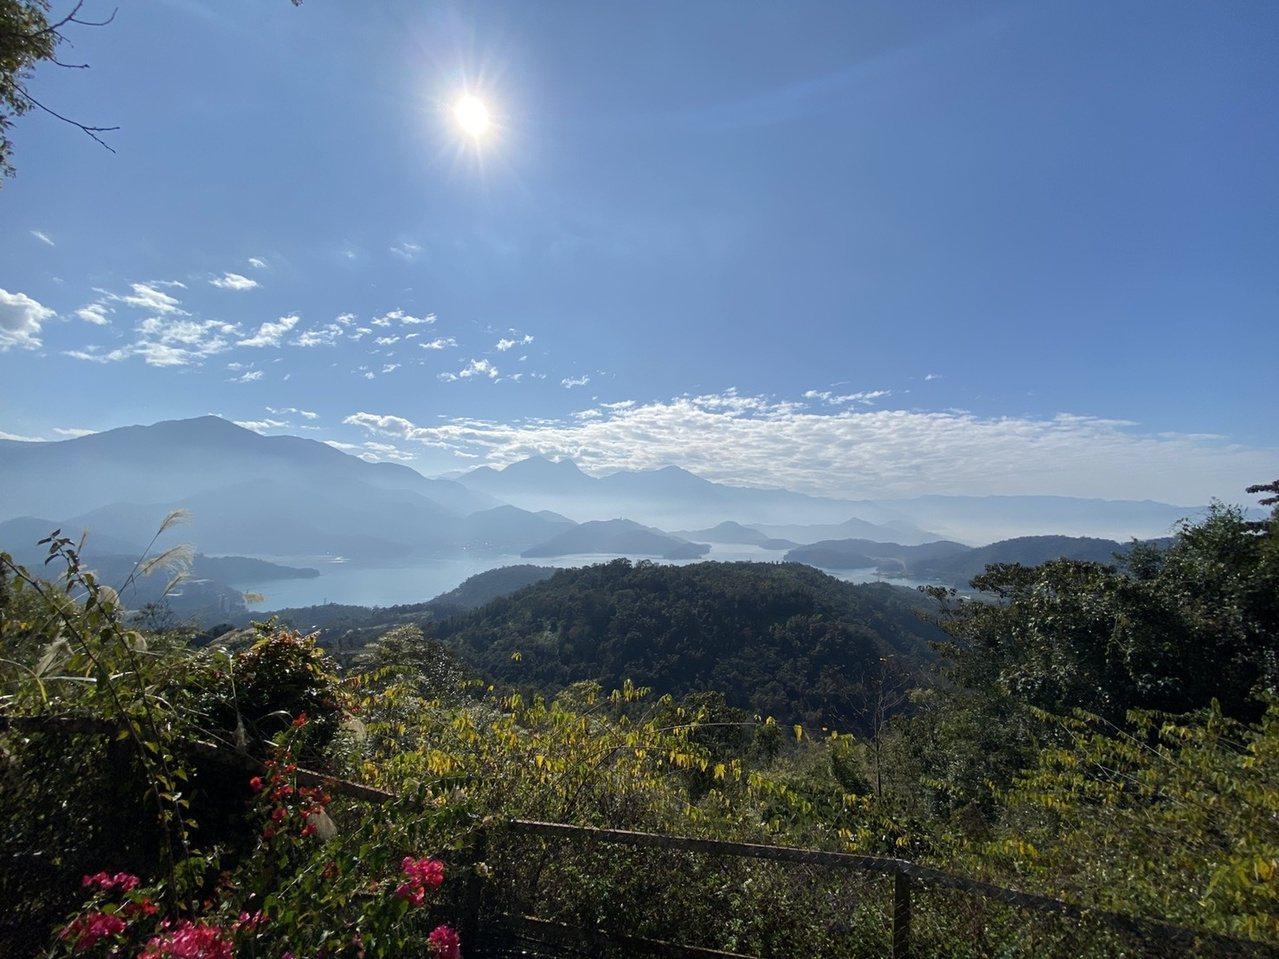 從貓蘭山可欣賞日月潭全景,遠處水社大山巍峨聳立,美如圖畫。 圖/江良誠 攝影